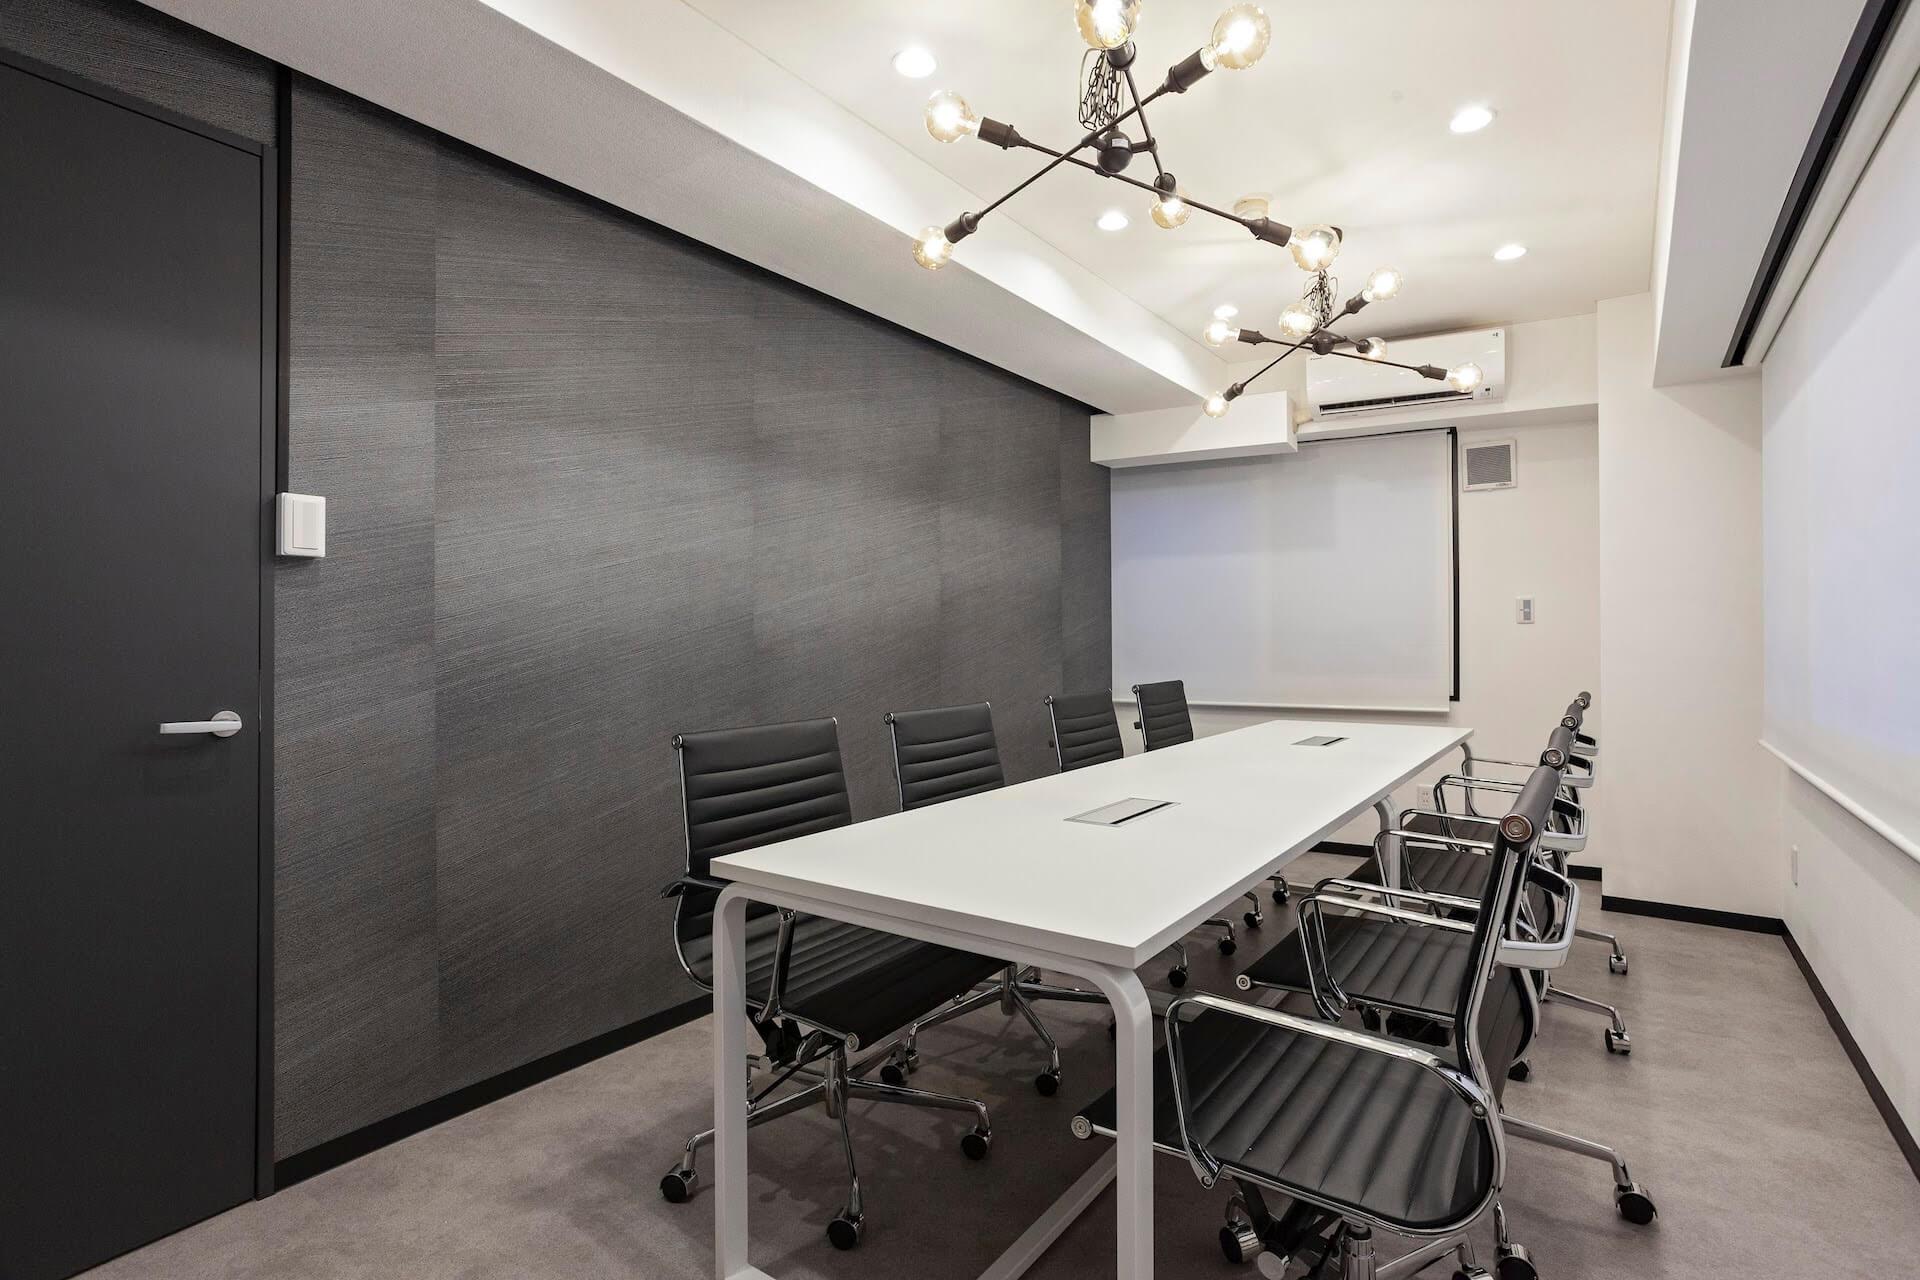 オフィスデザイン事例|株式会社JIPANGLOBAL_4